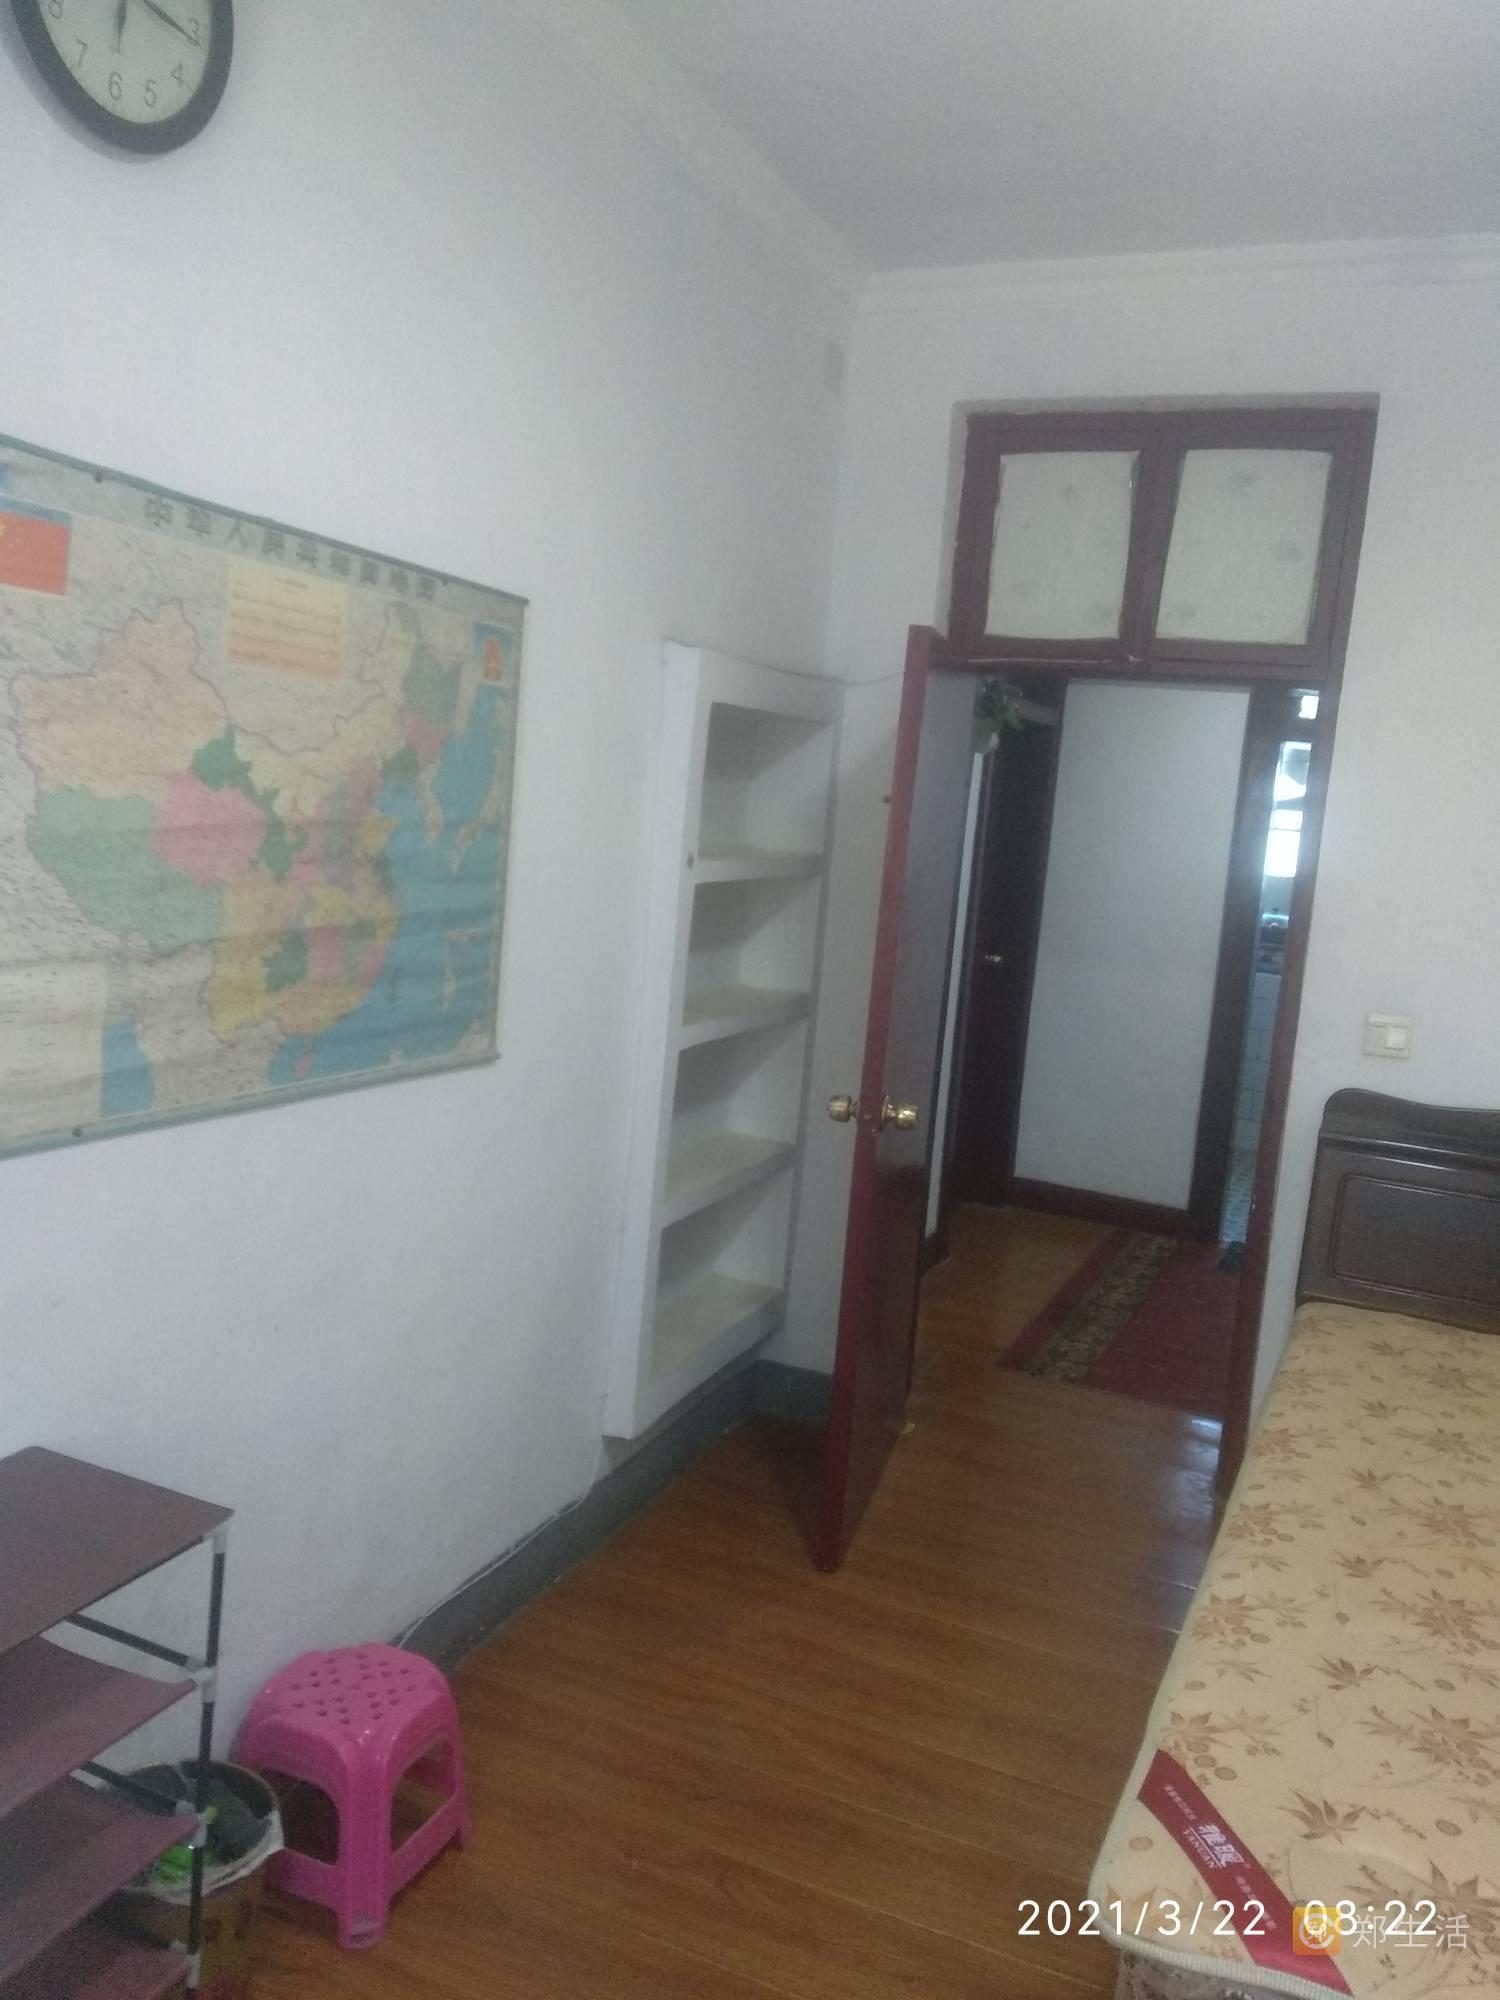 房屋信息-自家闲房对外出租(2)